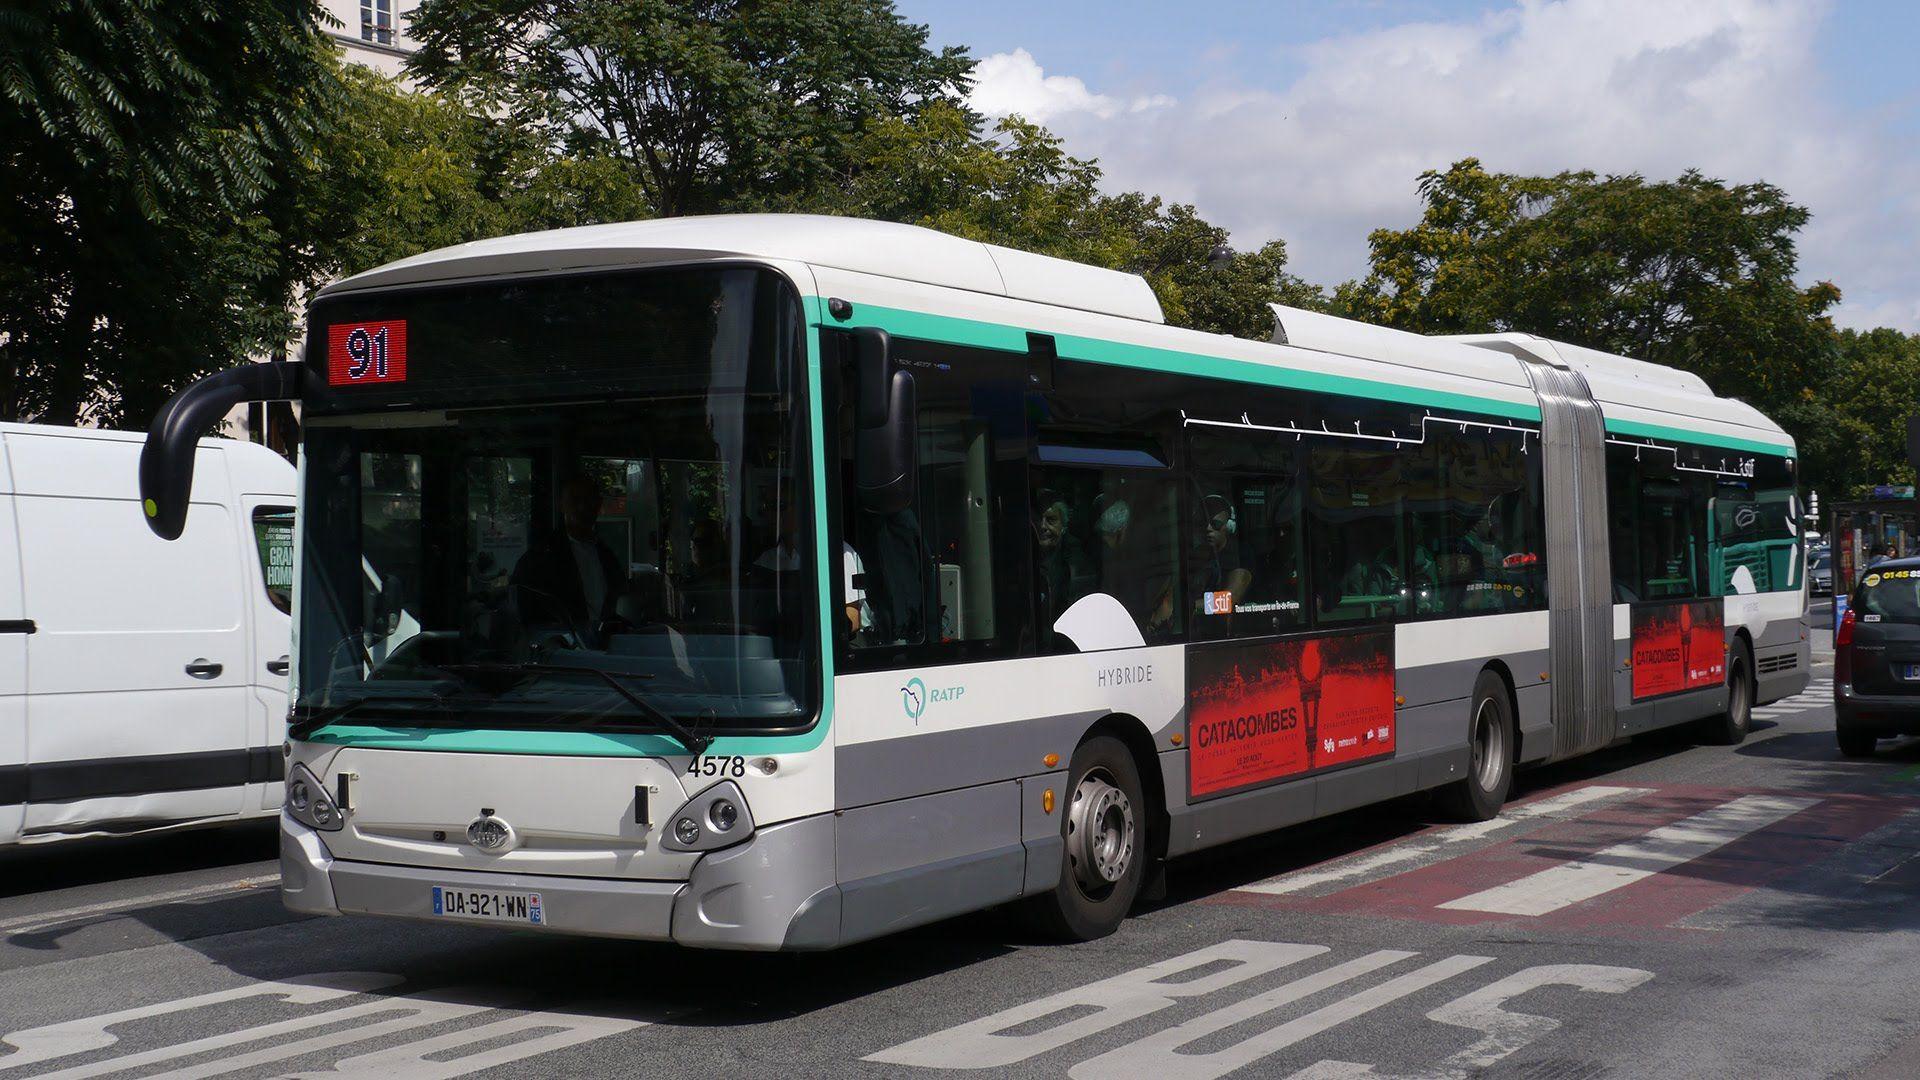 Paris Bus Ratp Heuliez Bus Rt 91 Bastille Gare De Lyon Diderot Bus Gare De Lyon Paris